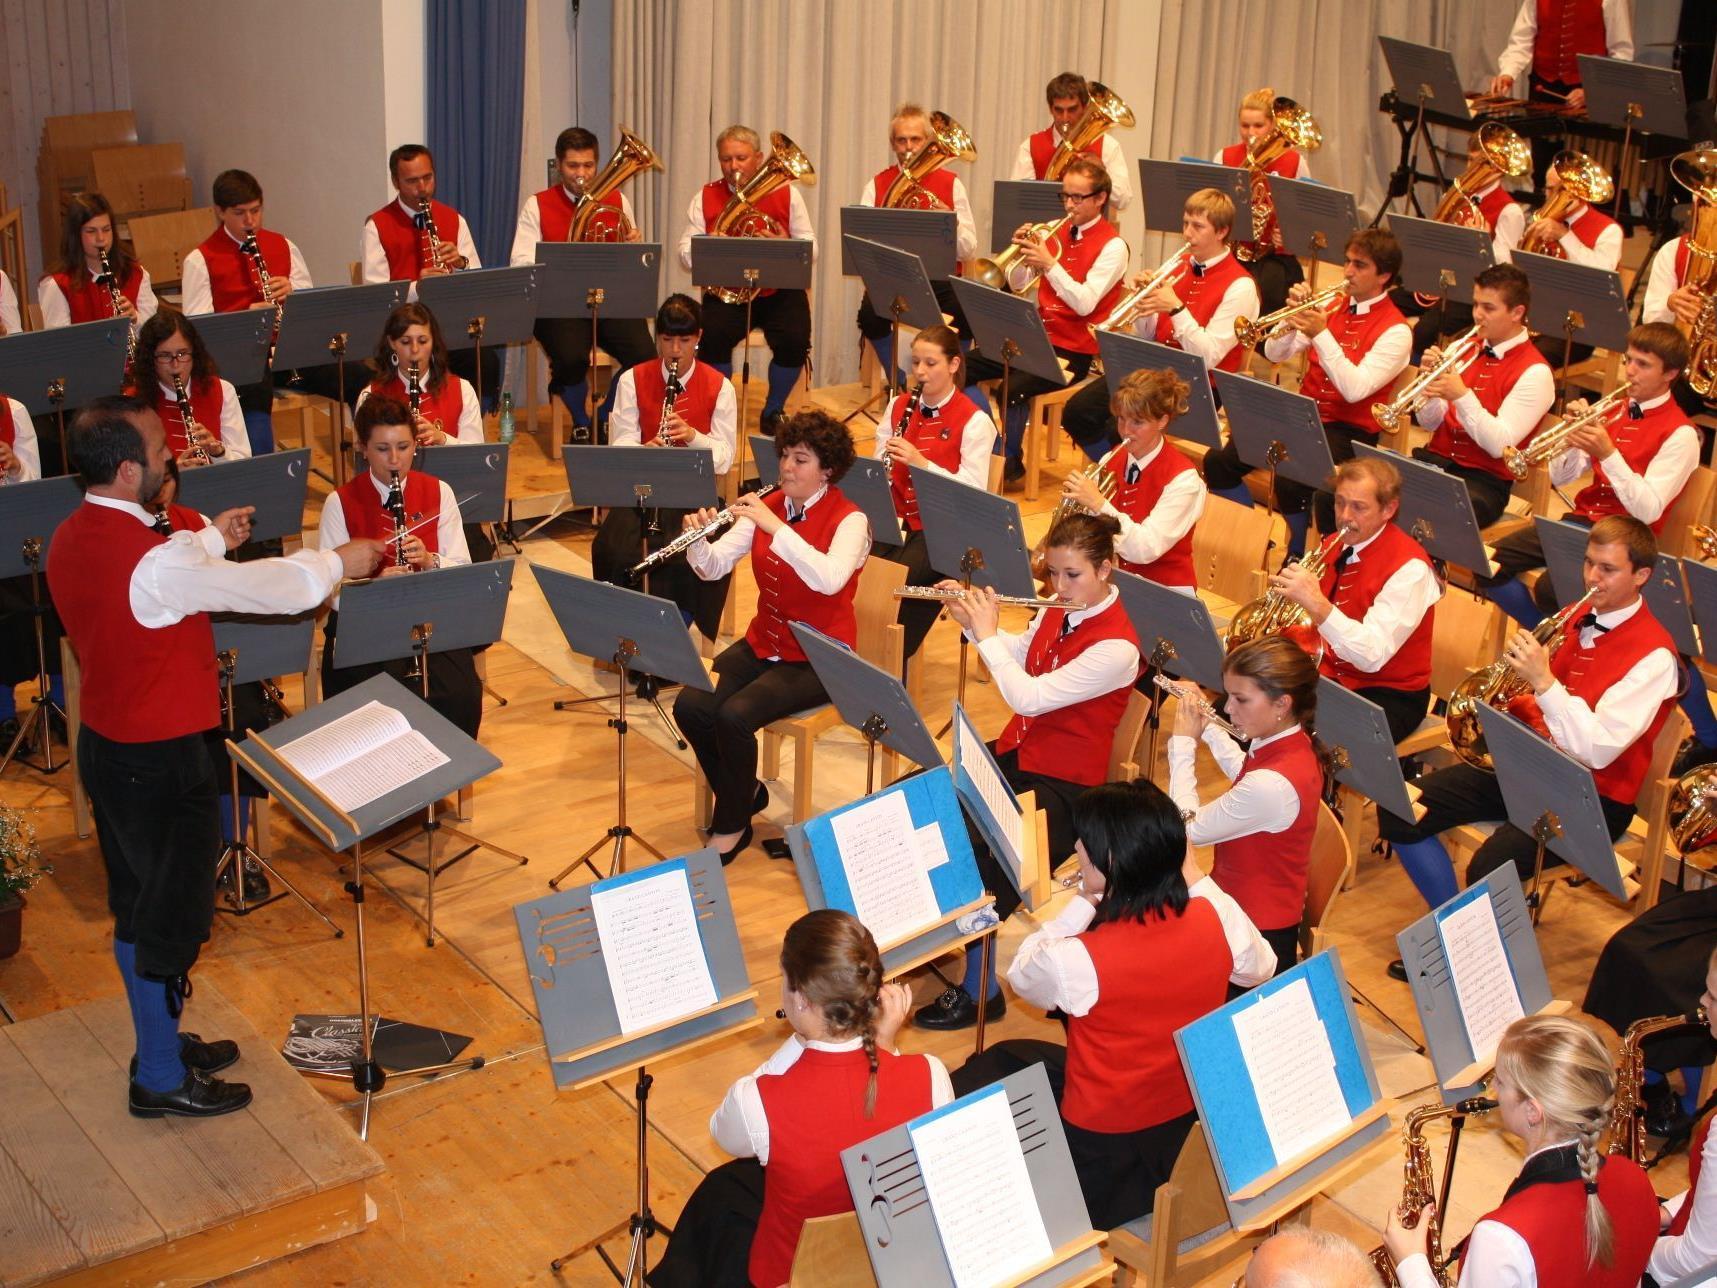 Die Musikanten haben sich intensiv auf das Konzert vorbereitet.